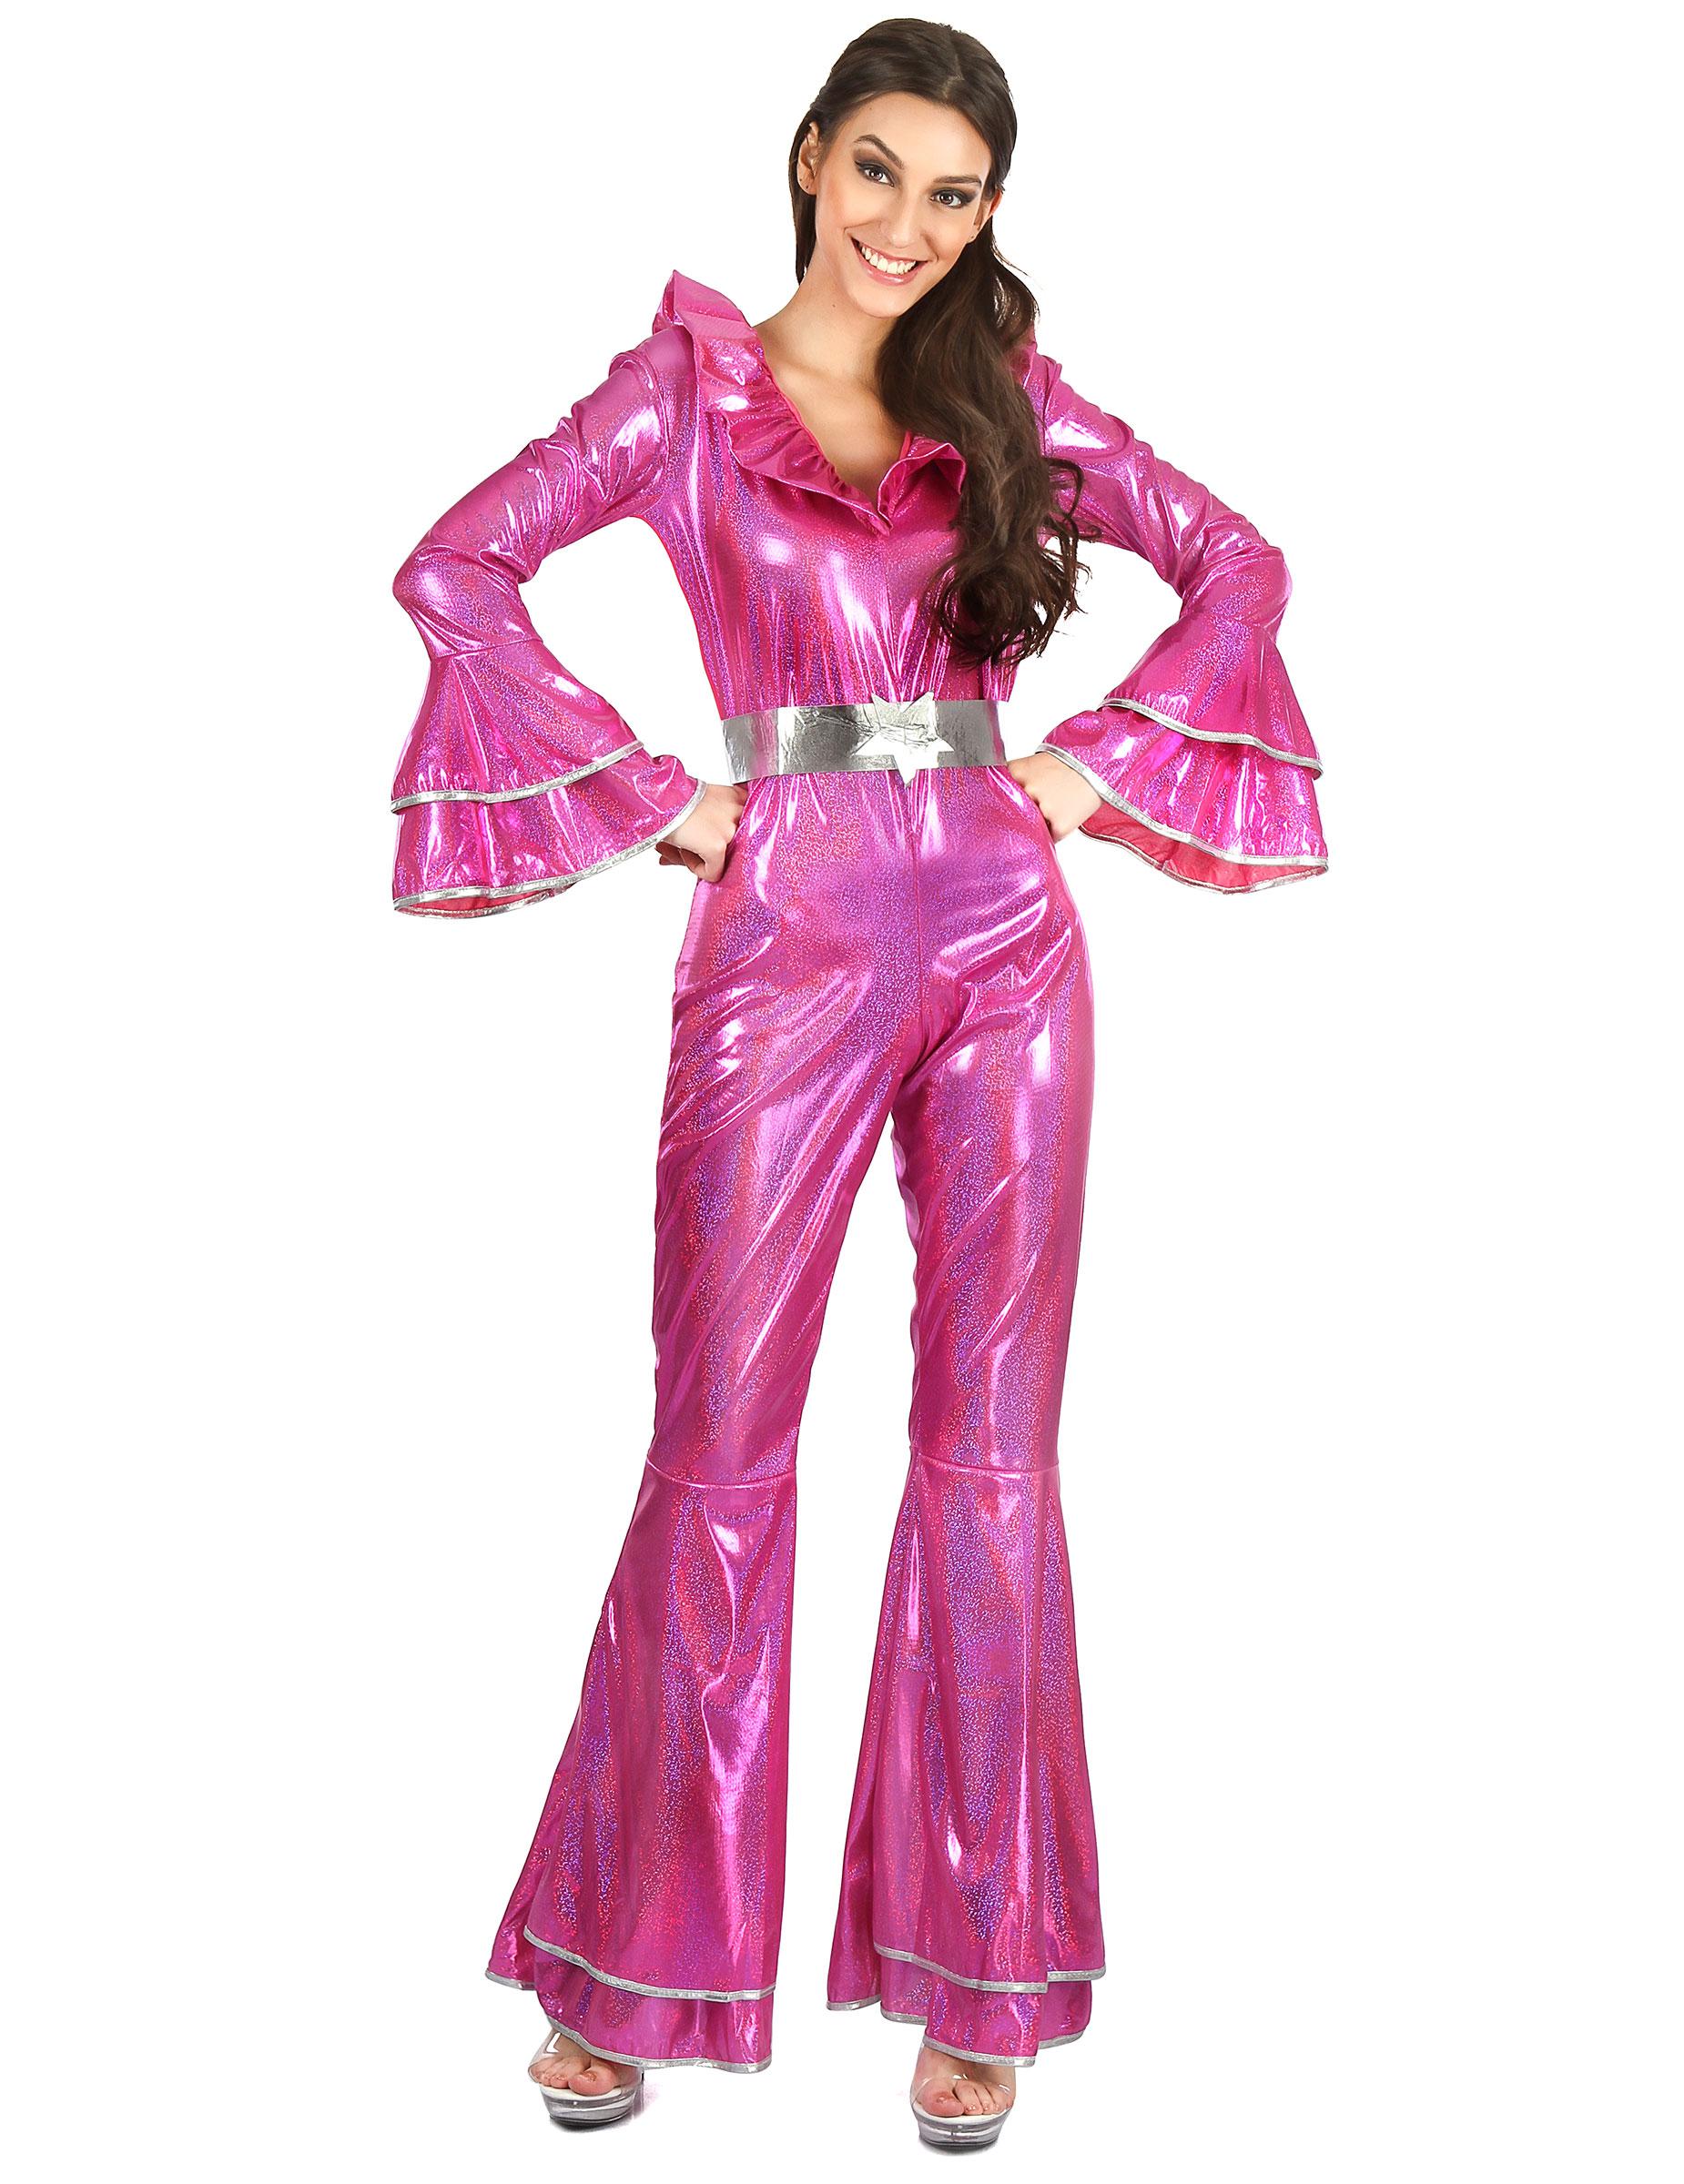 70er jahre disco kost m overall f r damen pink kost me. Black Bedroom Furniture Sets. Home Design Ideas